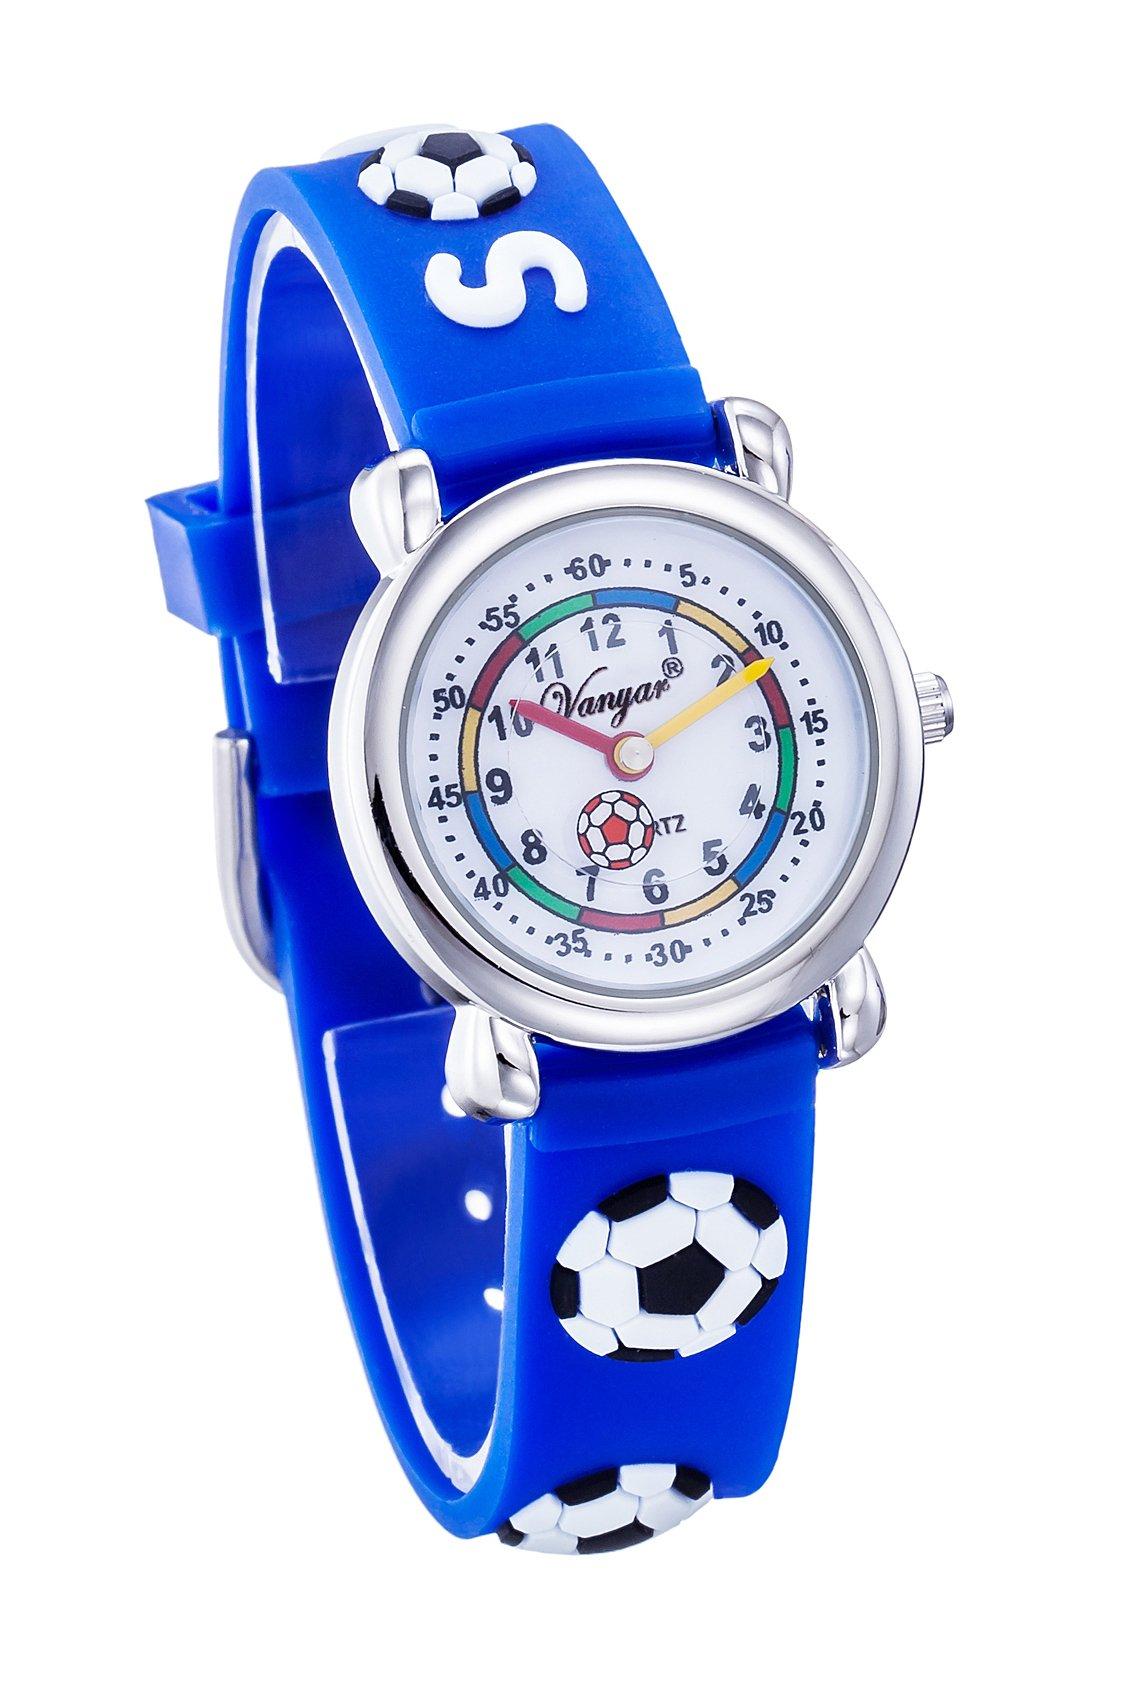 Vanyar Kids Soccer Time Teacher Quartz Wrist Watch Rubble Band Blue